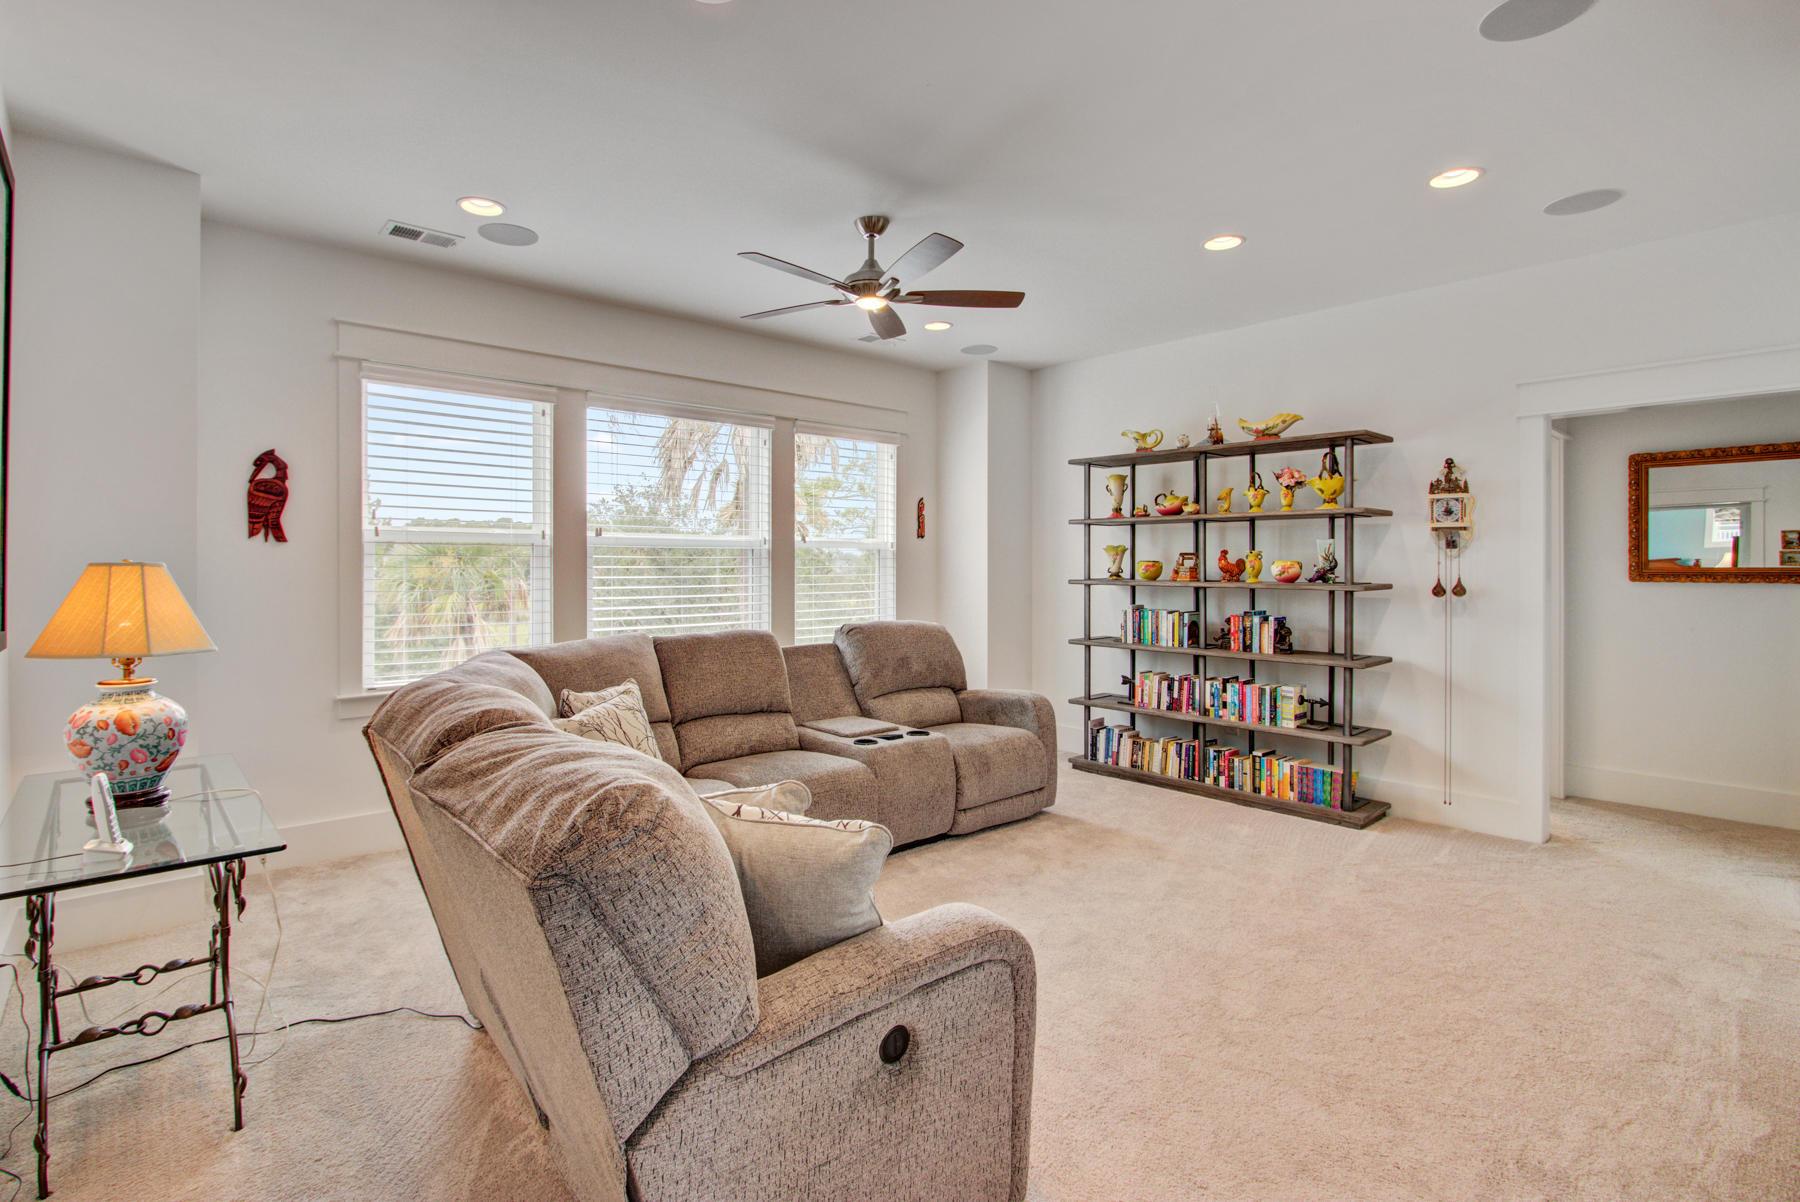 Dunes West Homes For Sale - 2984 Yachtsman, Mount Pleasant, SC - 67